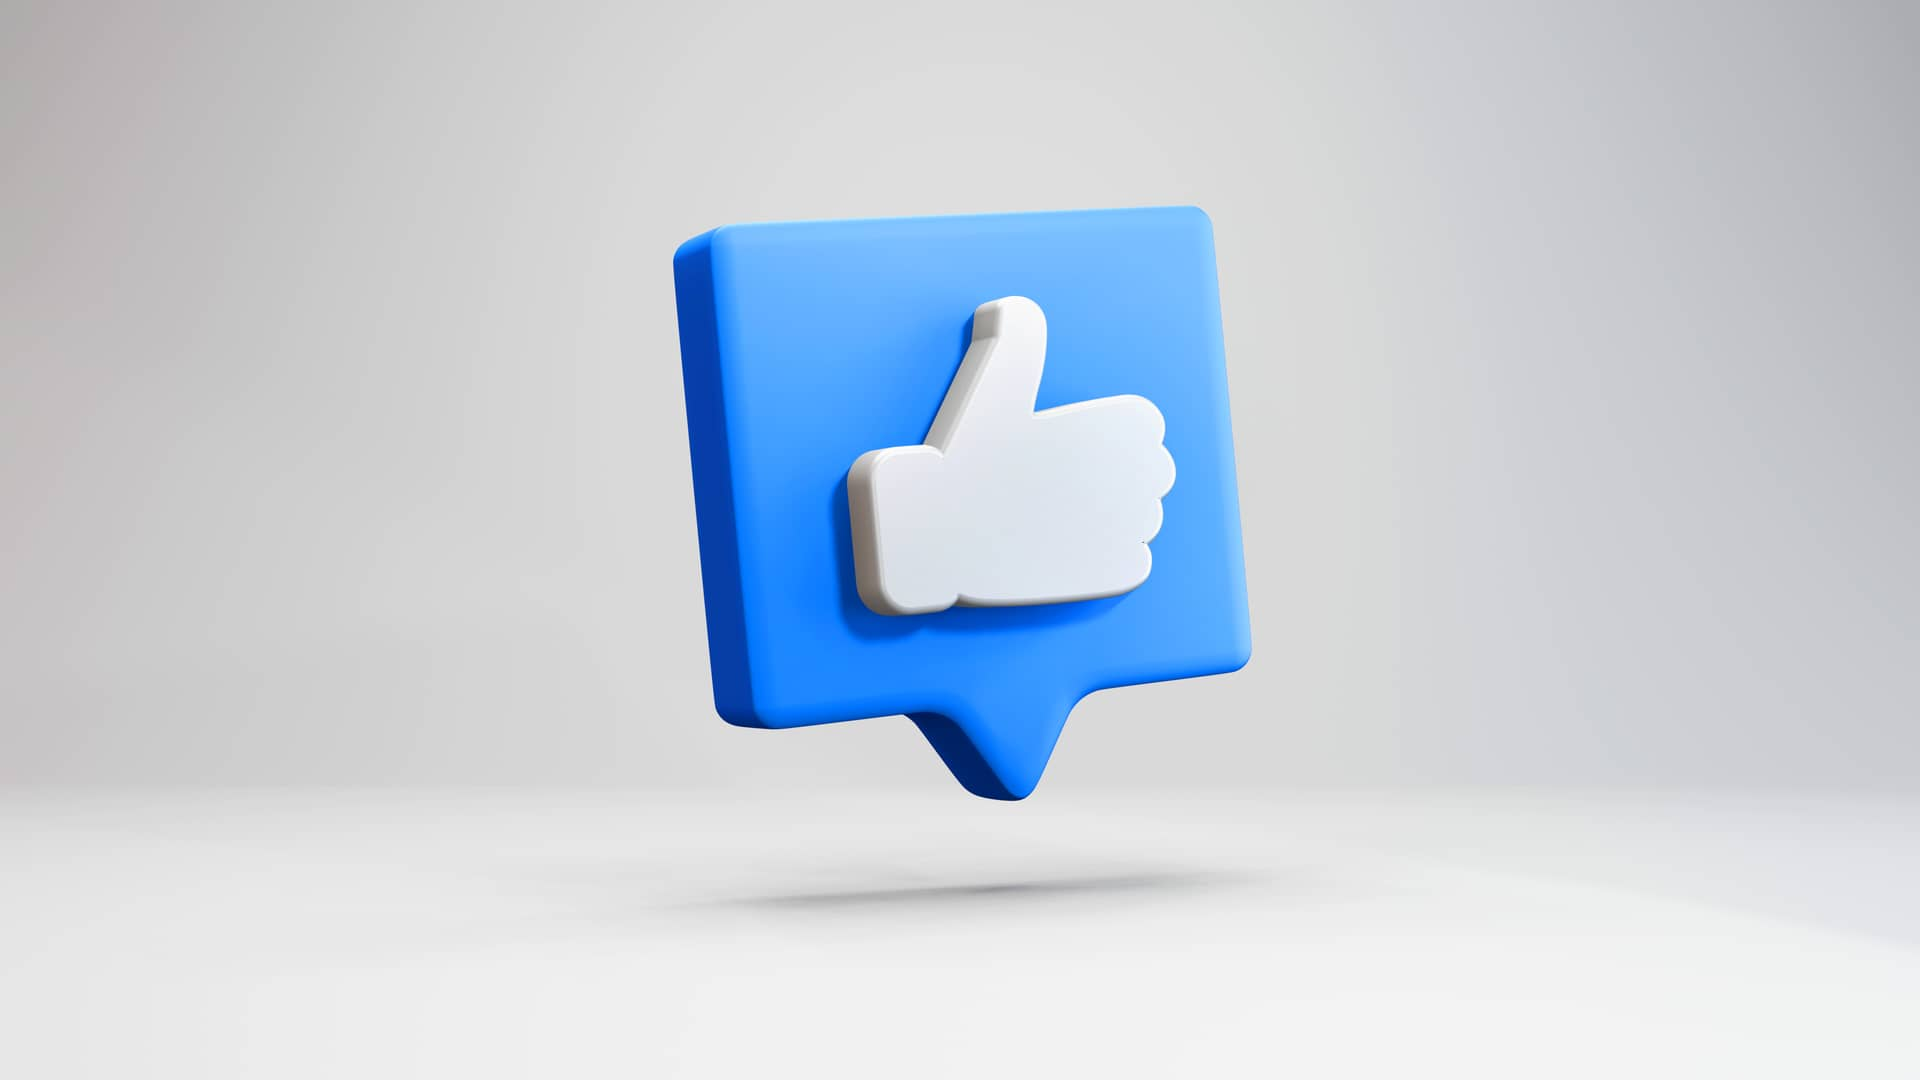 Criptomoneda de Facebook: cómo será y para qué se utilizará